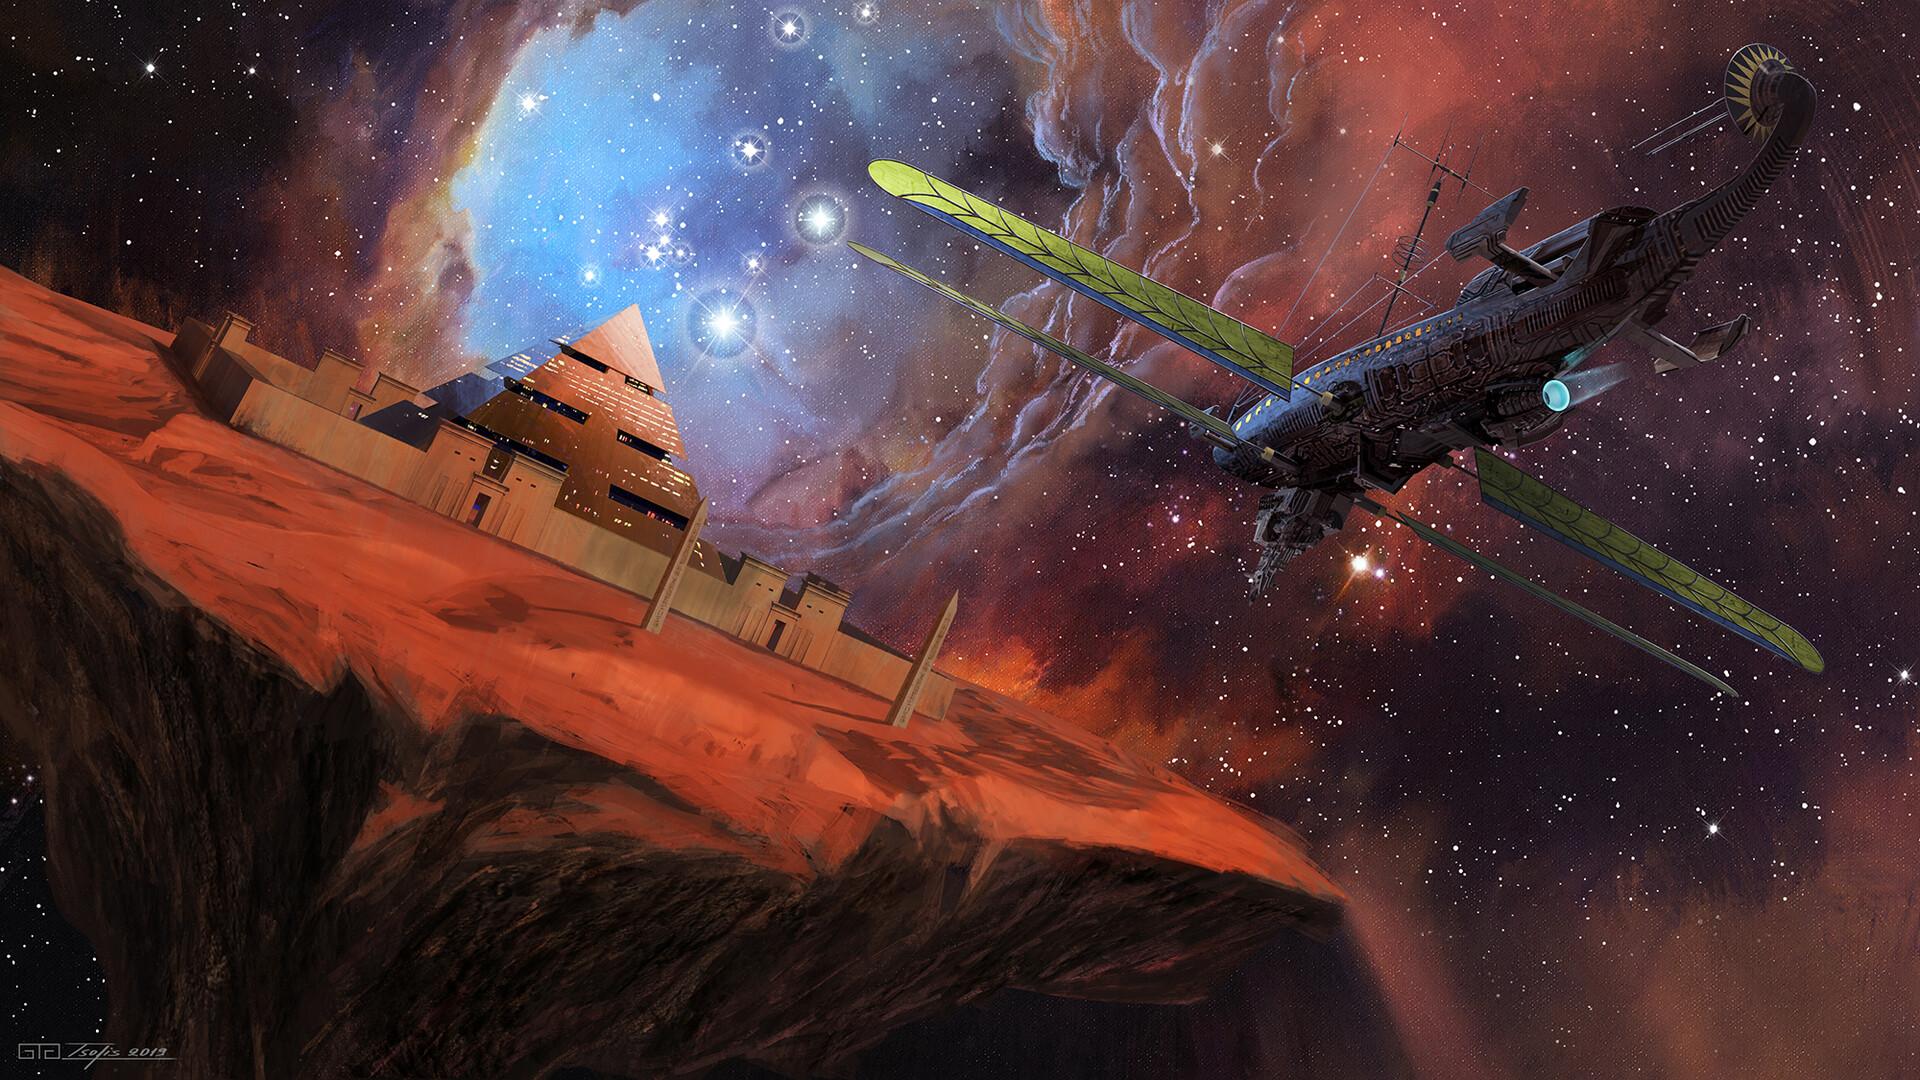 General 1920x1080 space Giorgos Tsolis galaxy pyramid